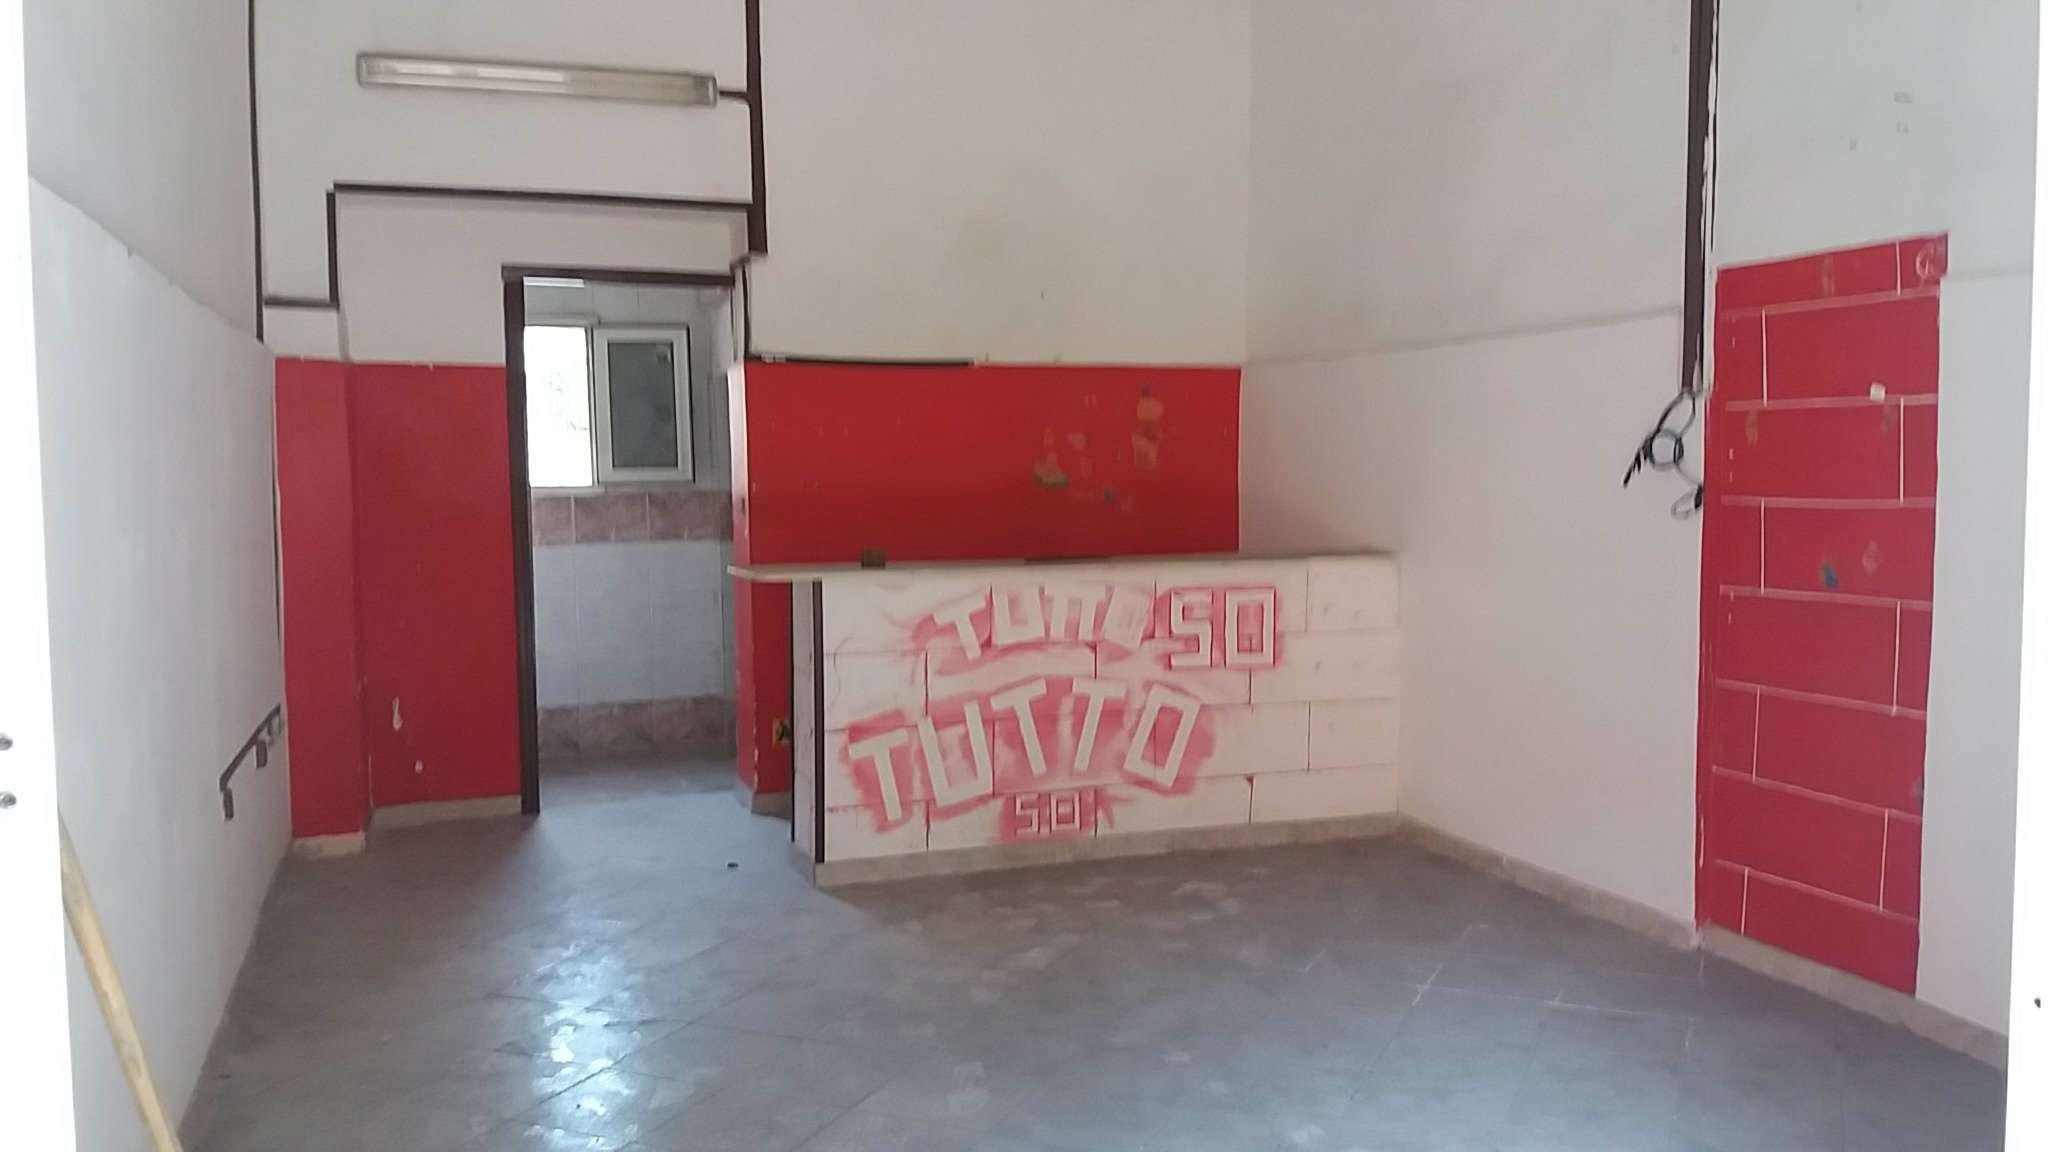 Negozio / Locale in affitto a Arzano, 1 locali, prezzo € 300 | CambioCasa.it